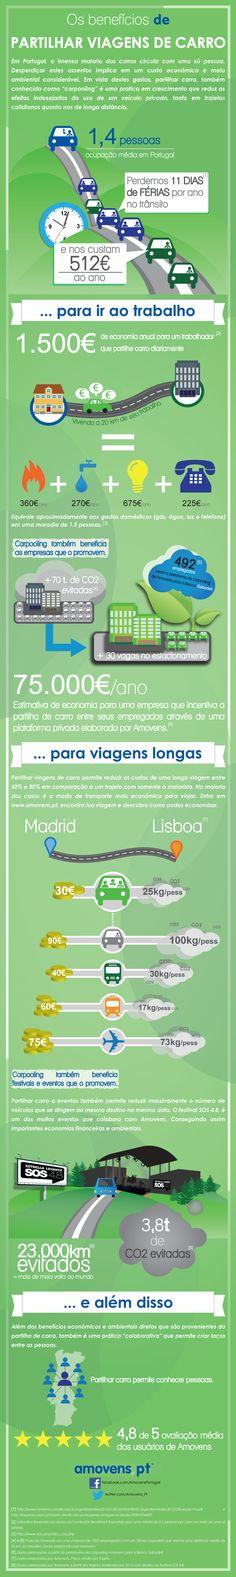 Infográfico com os benefícios de partilhar viagens de carro http://pt.amovens.com/pt/beneficios-partilhar-carro (carpooling)